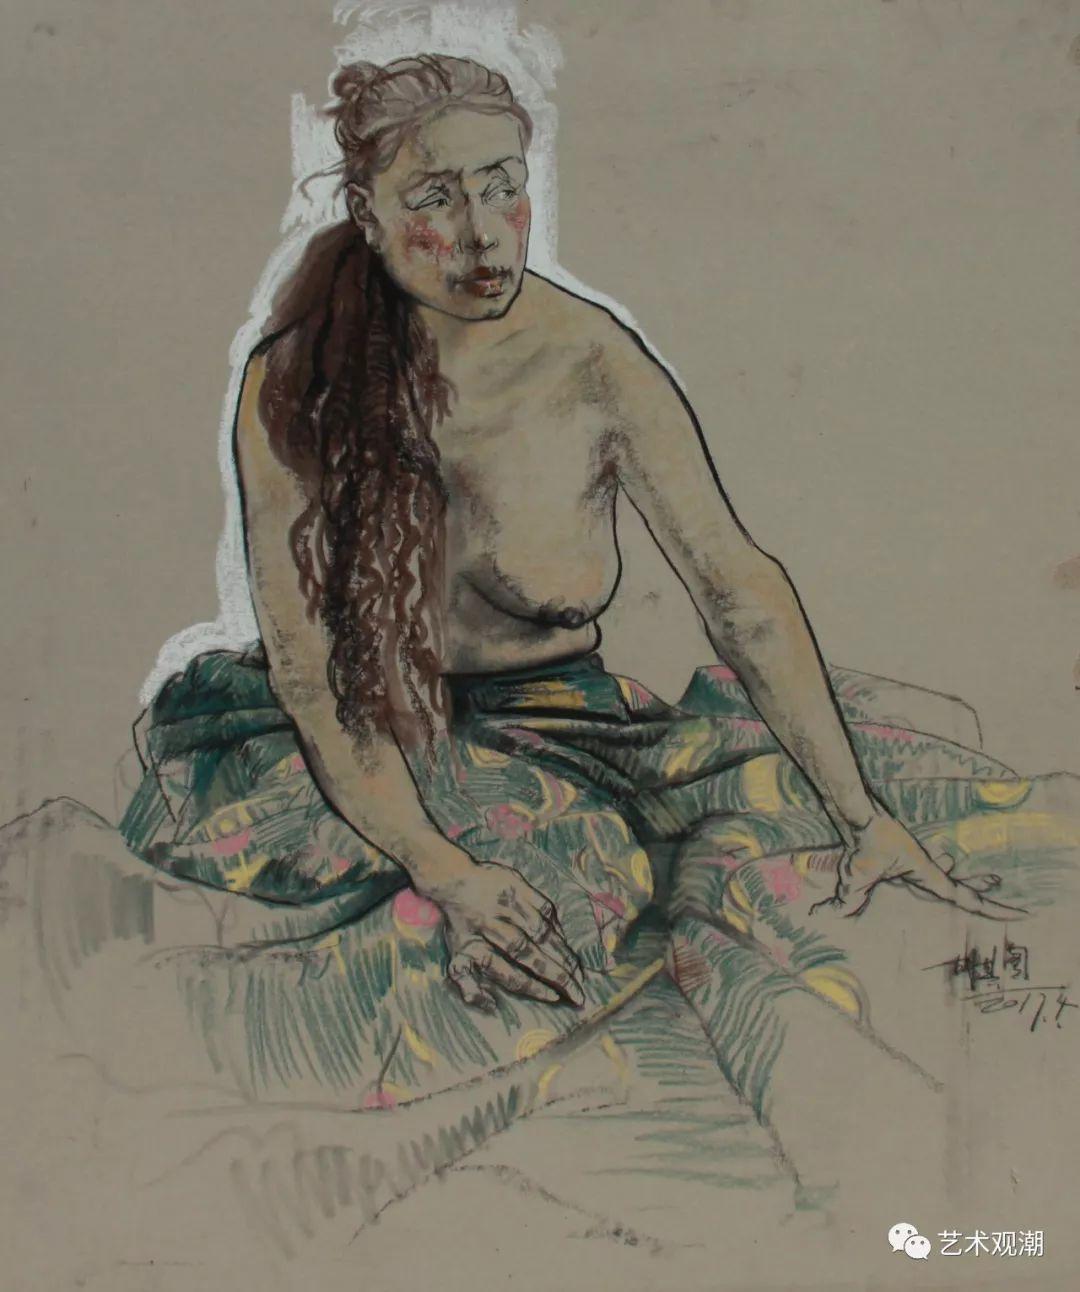 草原情怀——蒙古族青年画家包胡其图 第31张 草原情怀——蒙古族青年画家包胡其图 蒙古画廊